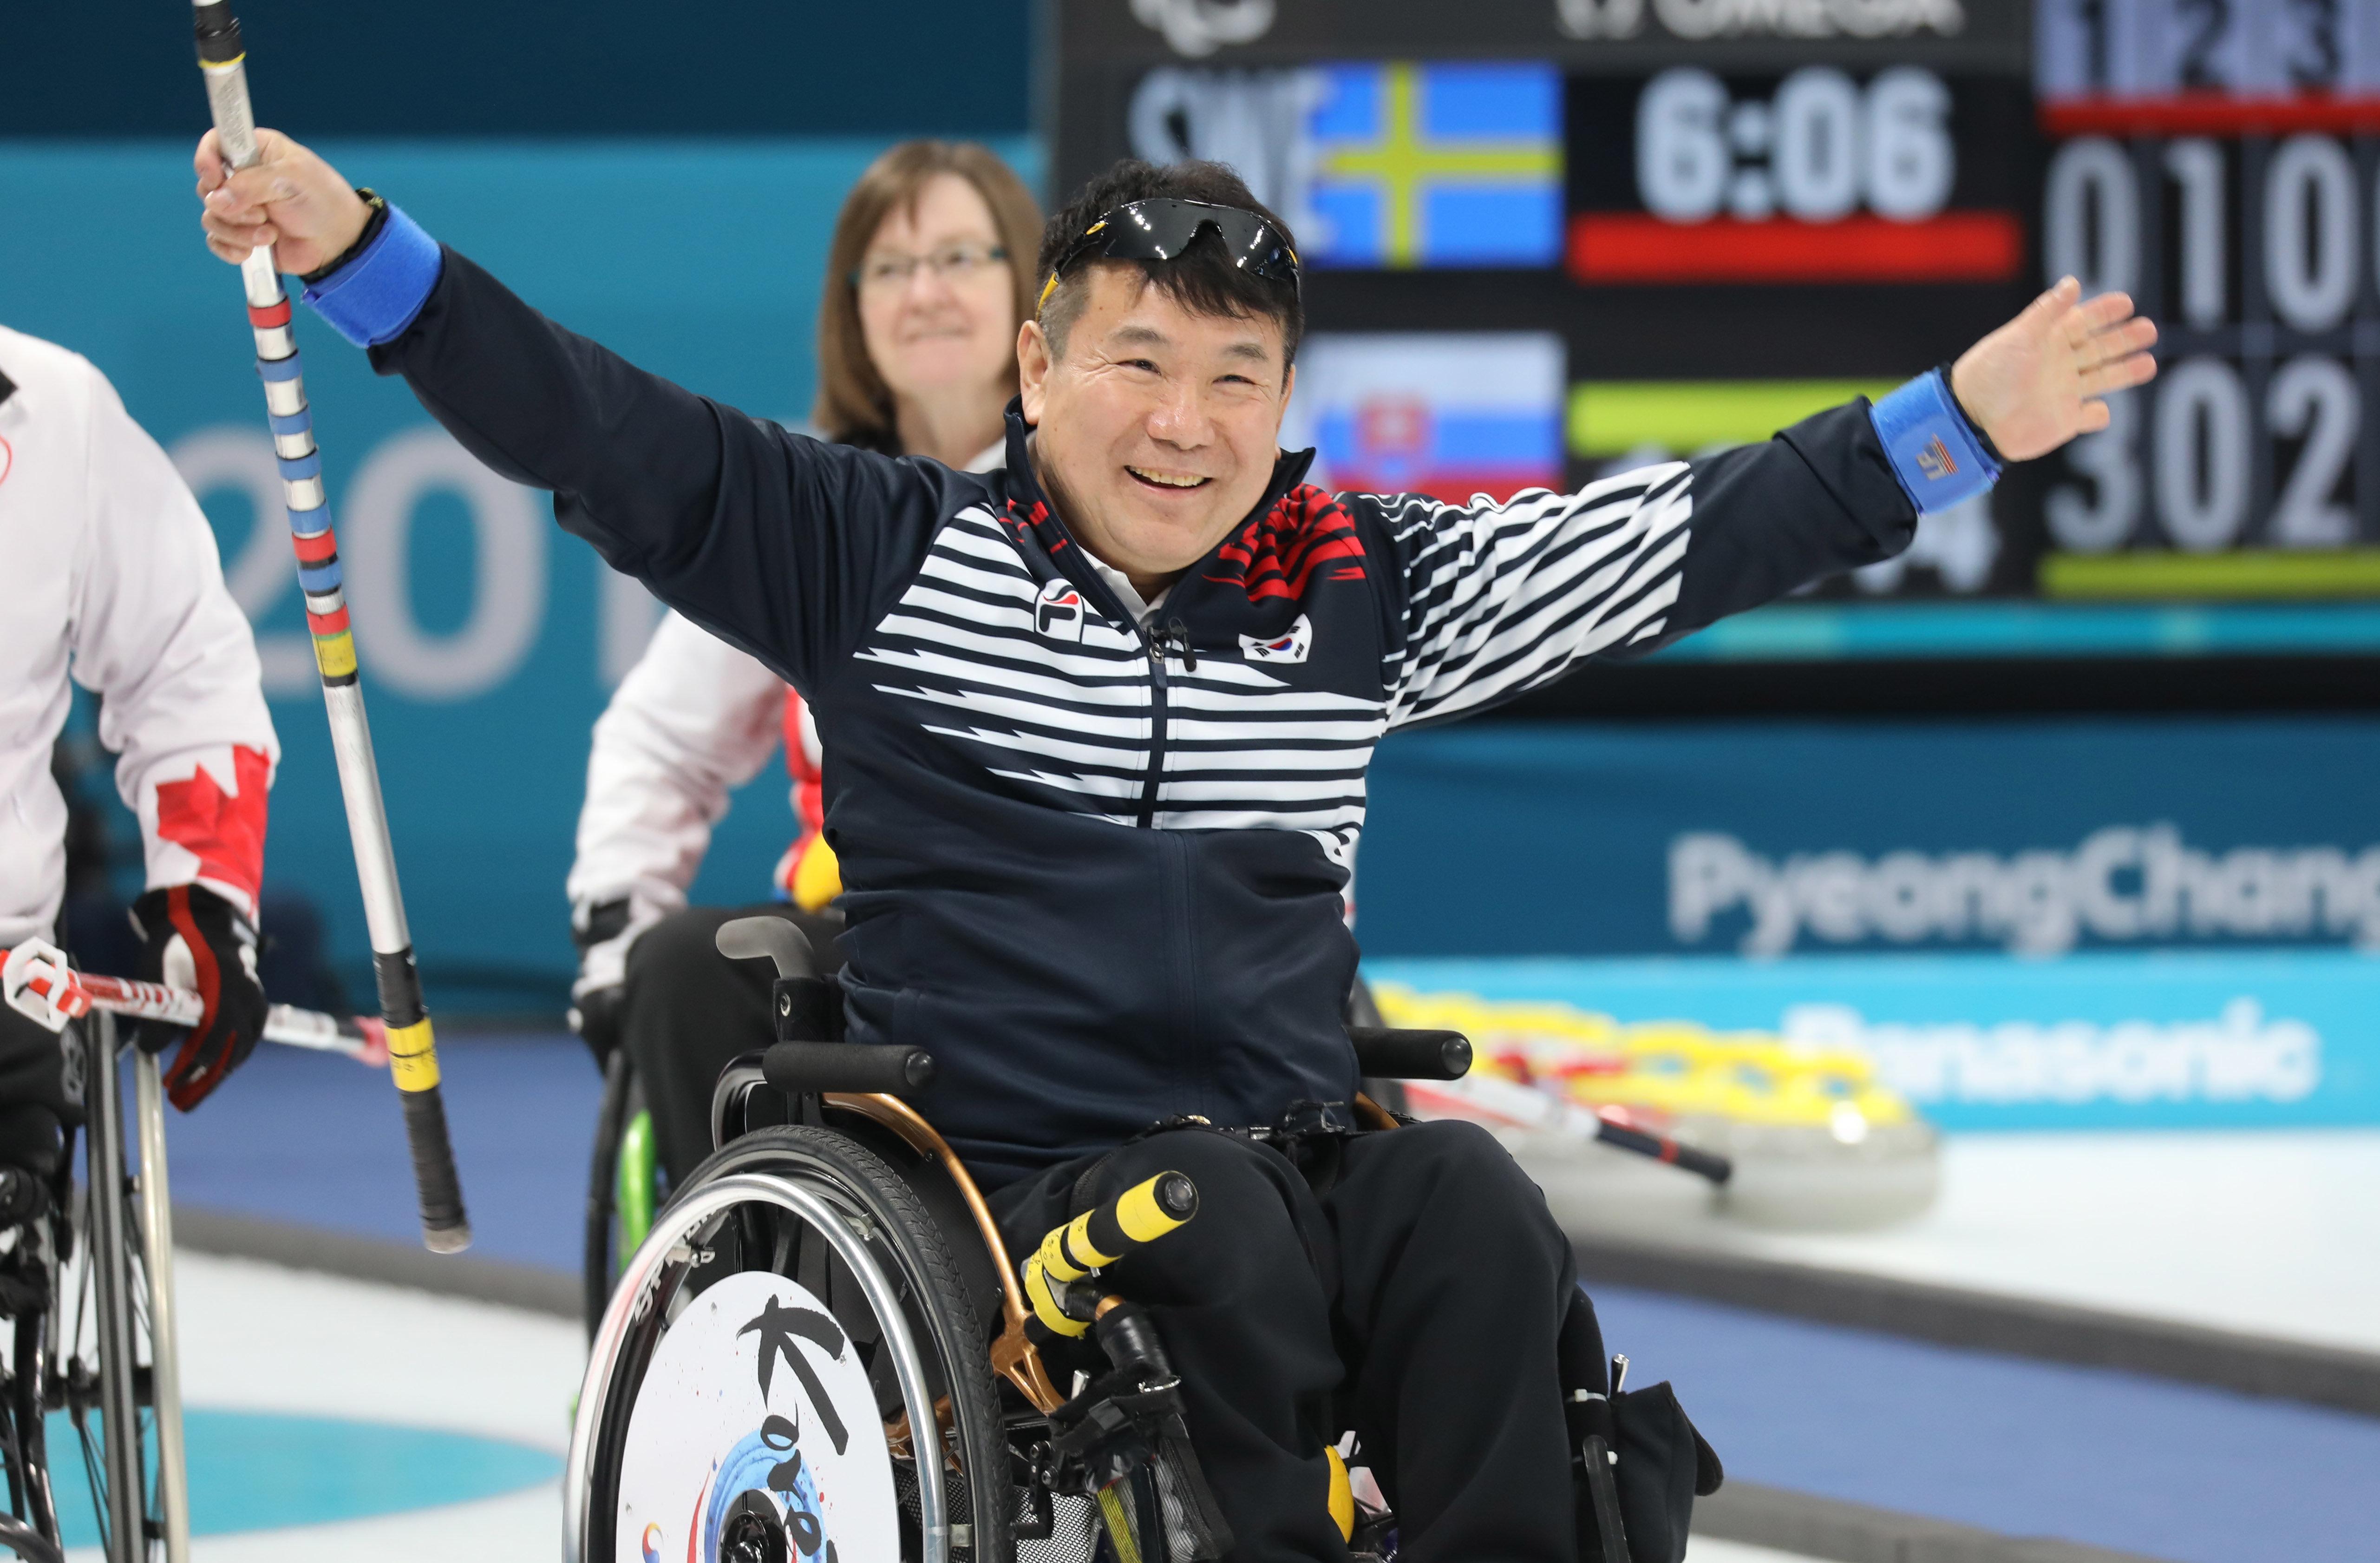 휠체어컬링 한국 대표팀이 '디펜딩 챔피언'마저 꺾었다